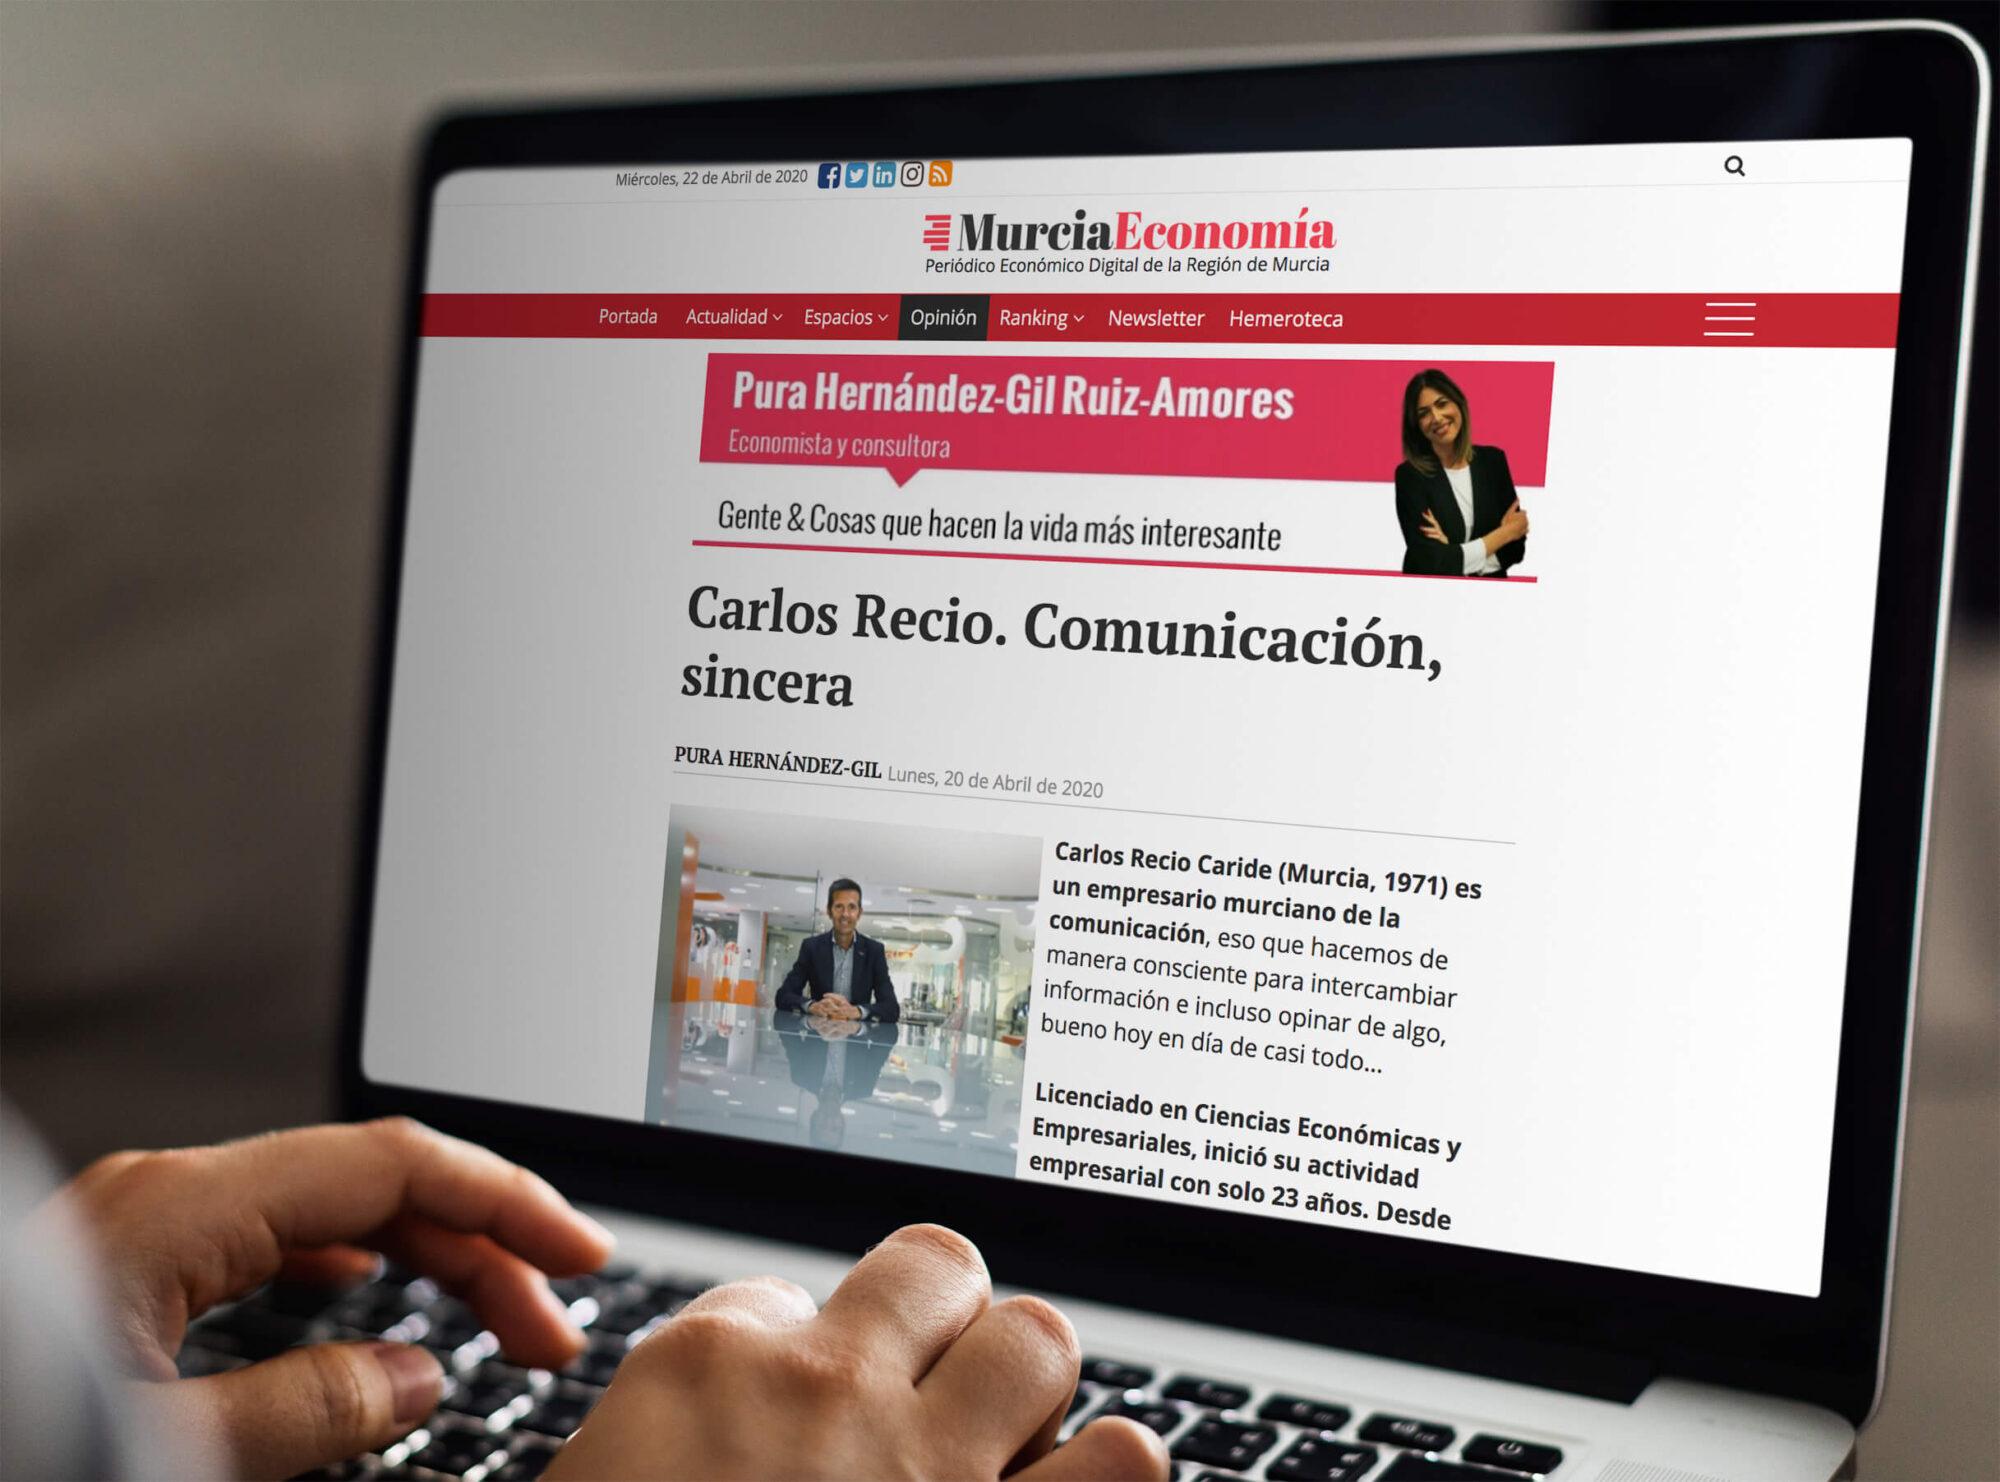 Carlos Recio. Comunicación sincera.